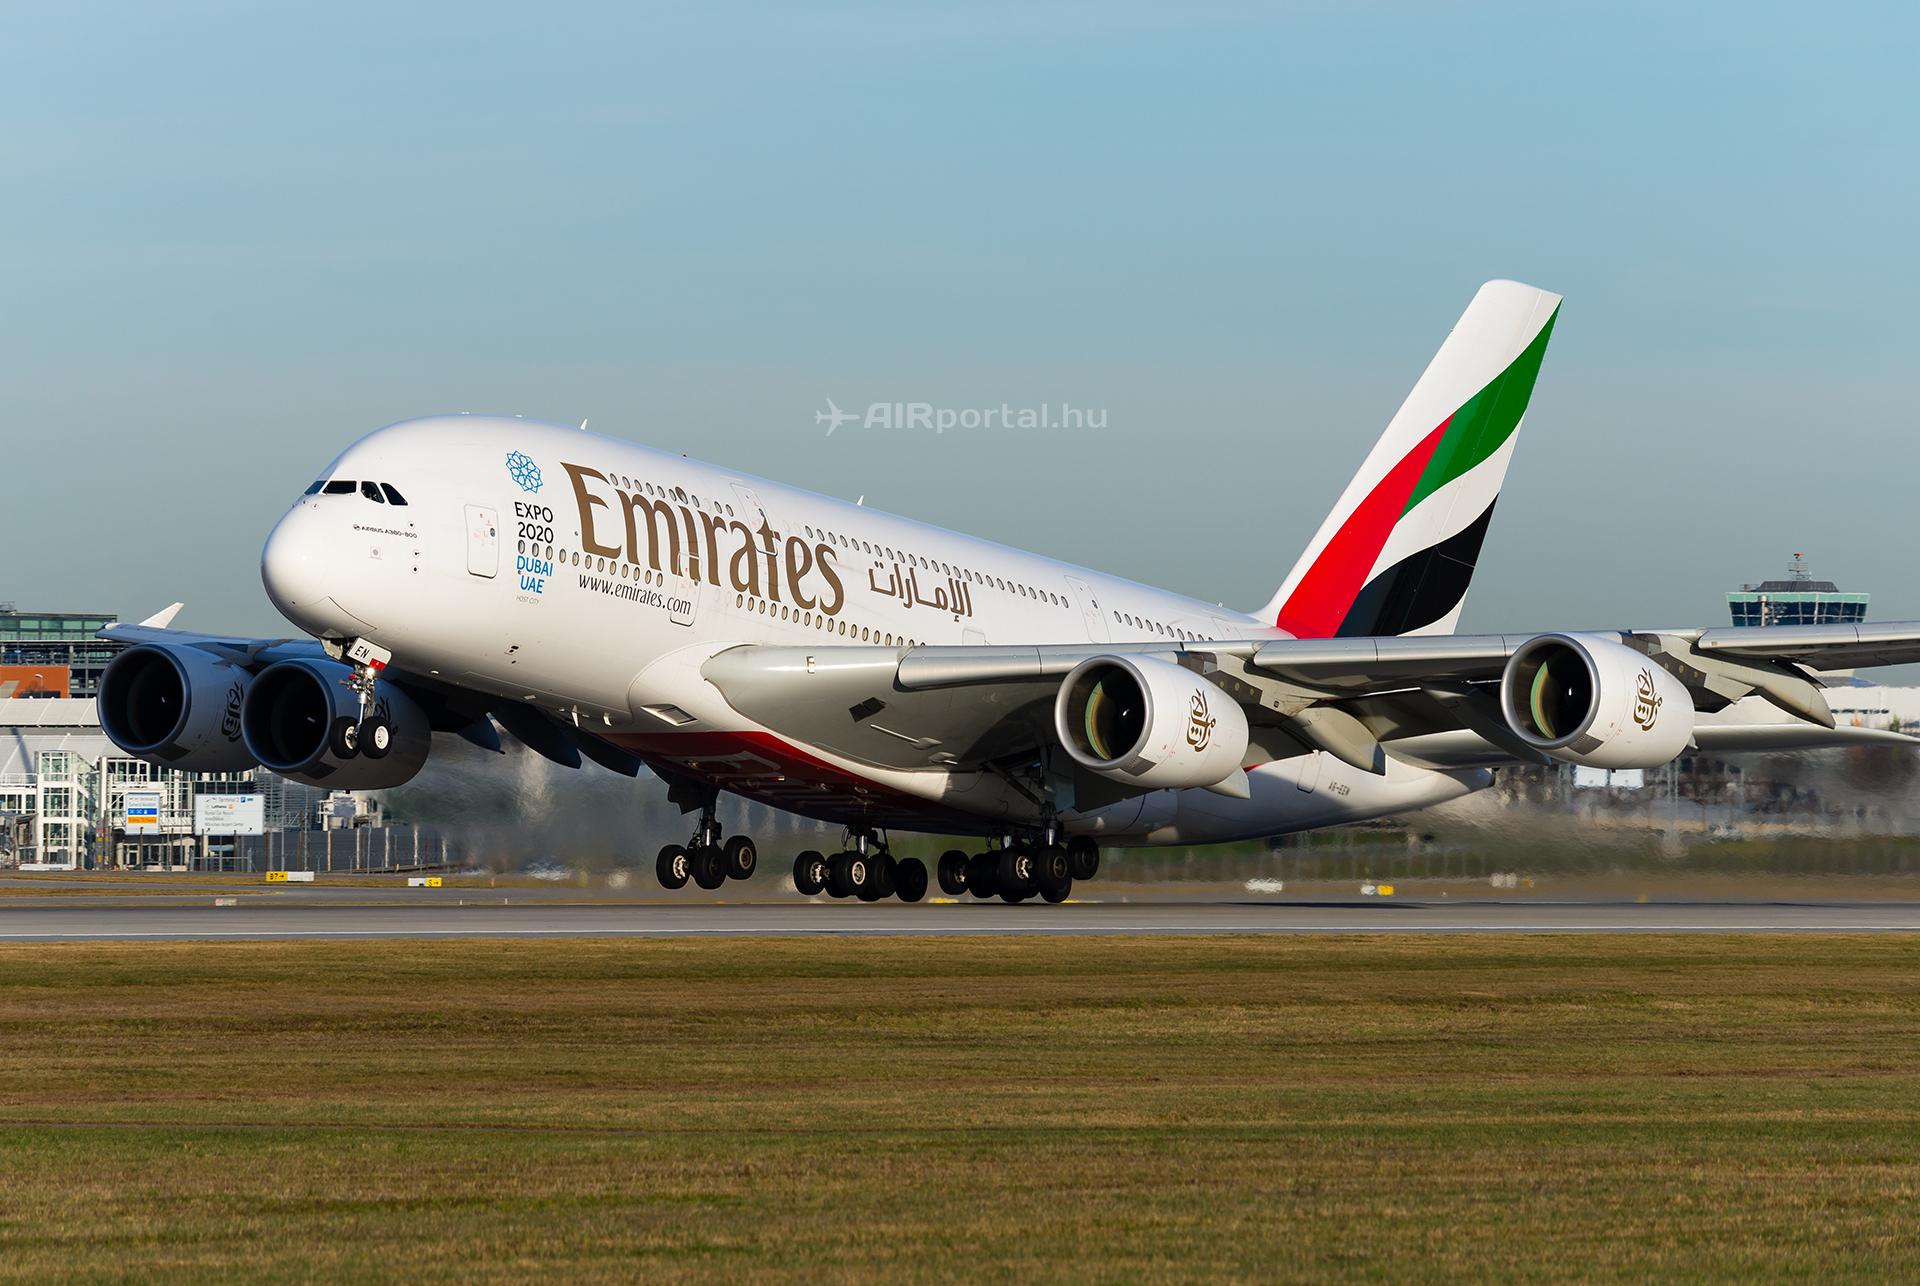 Lekerül az A380-as térképéről Dallas és Houston. (Fotó: Bodorics Tamás - AIRportal.hu) | © AIRportal.hu